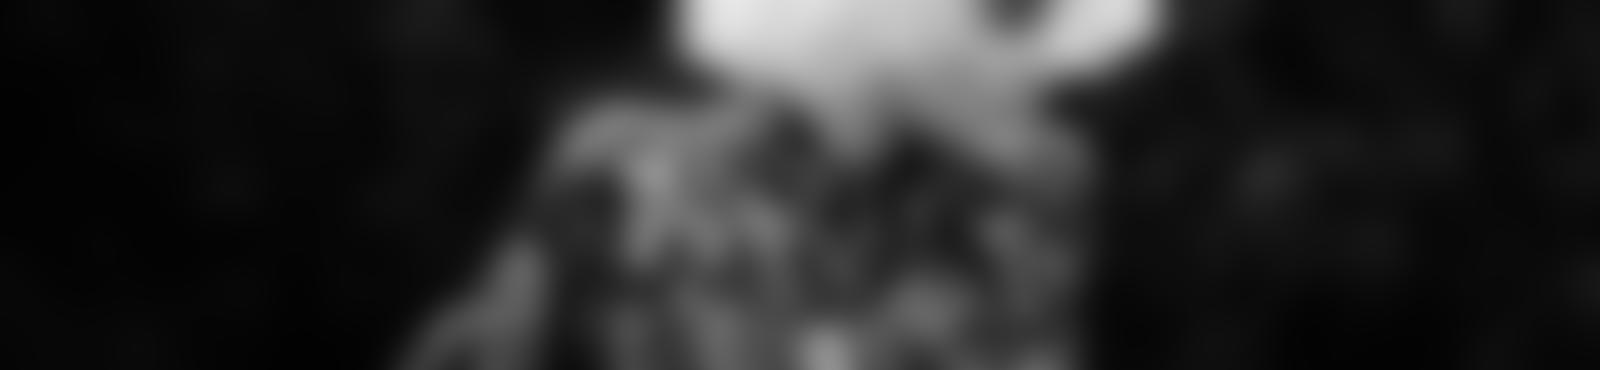 Blurred 1b168219 20d9 40f2 b401 7386afd22c6b